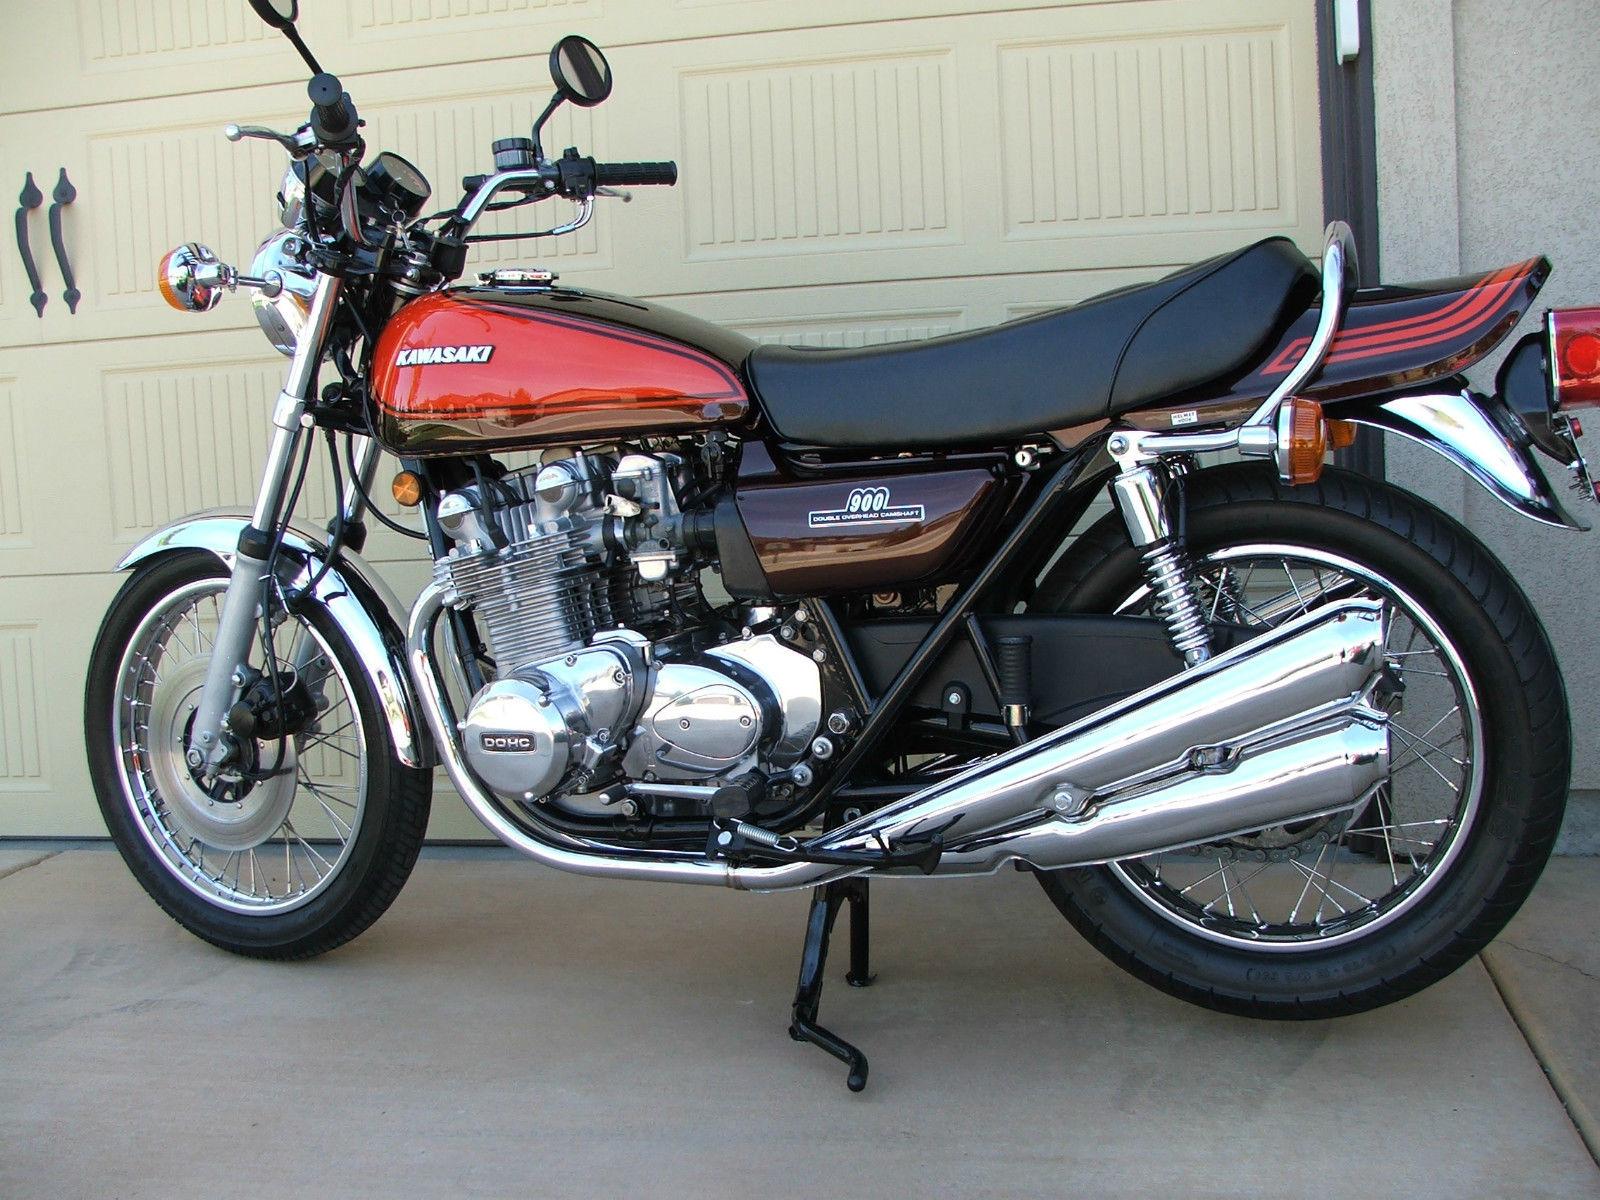 Kawasaki Classic Bikes For Sale